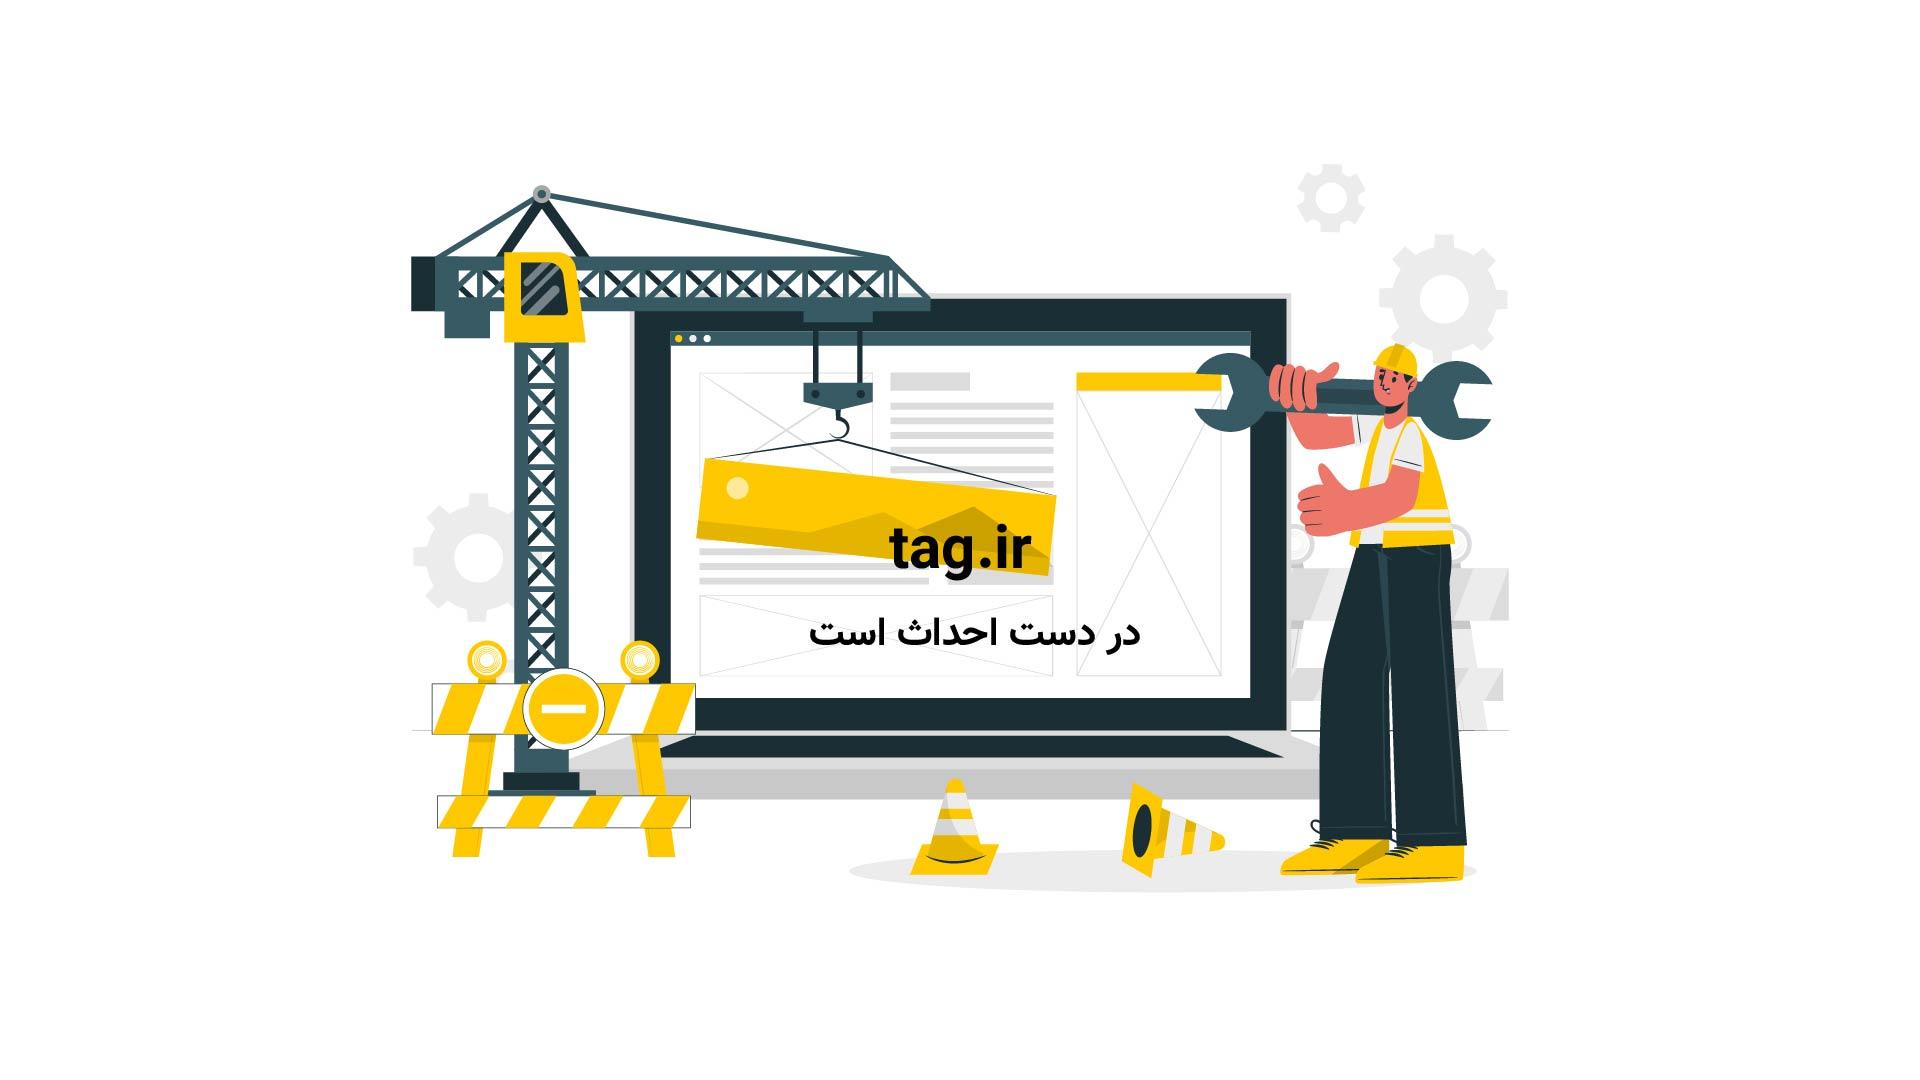 نماهنگی برای زندهیاد منصور پورحیدری | فیلم